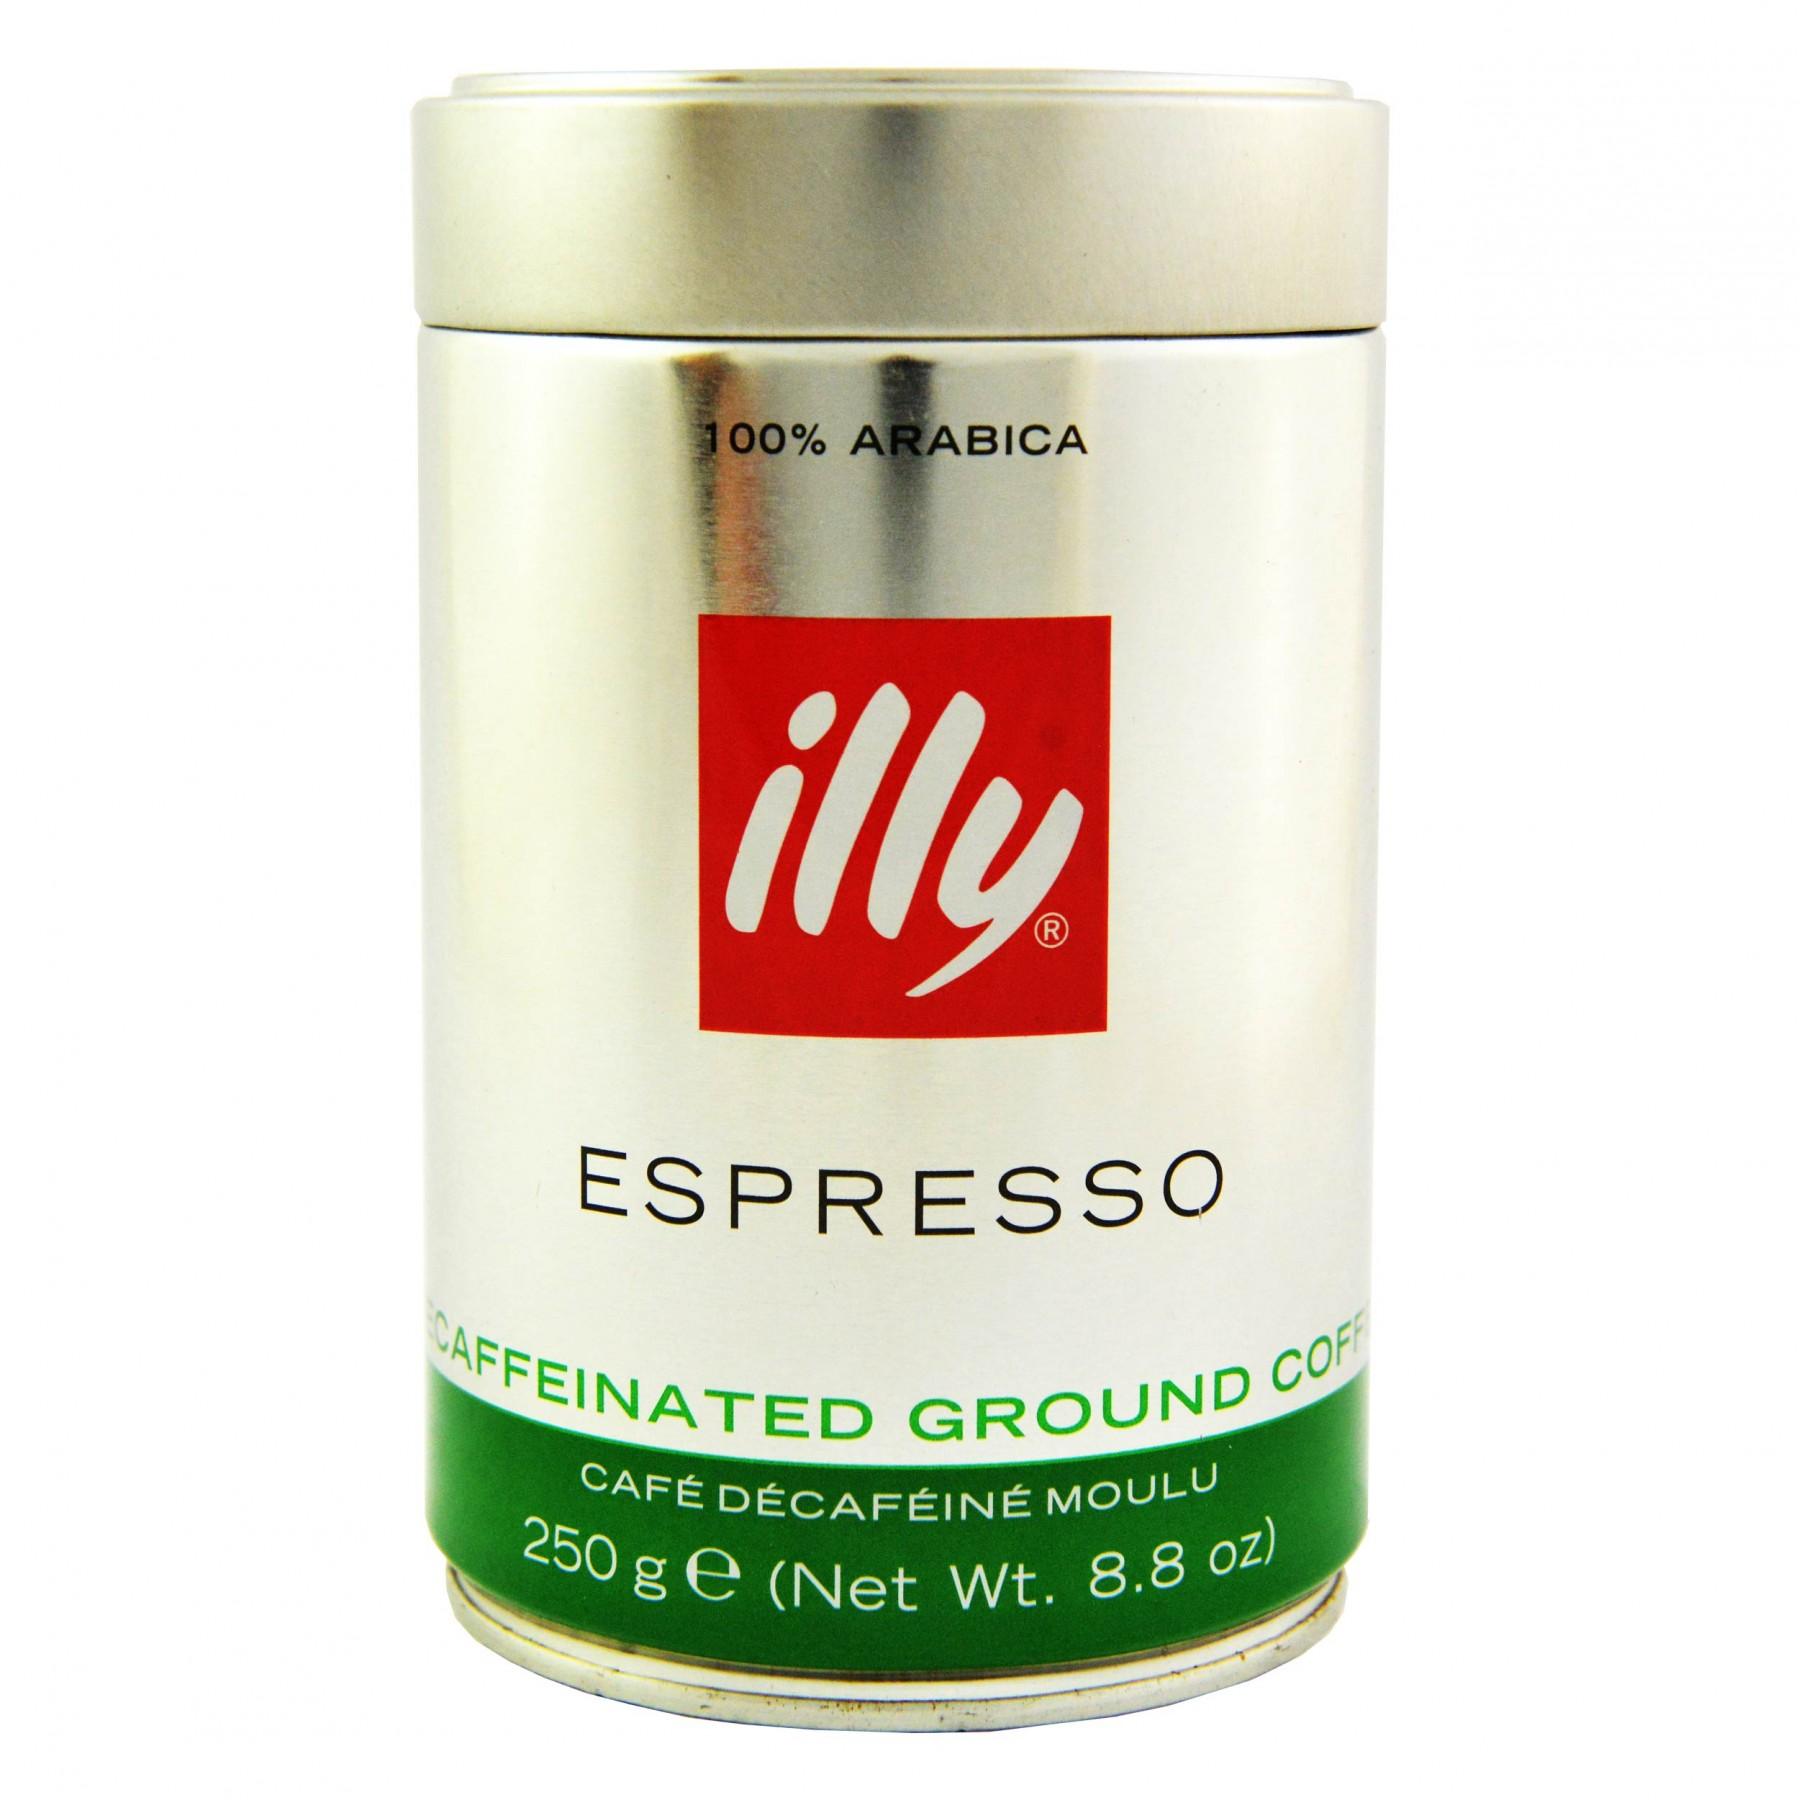 Illy Caffe Decaffeinated Coffee Powder